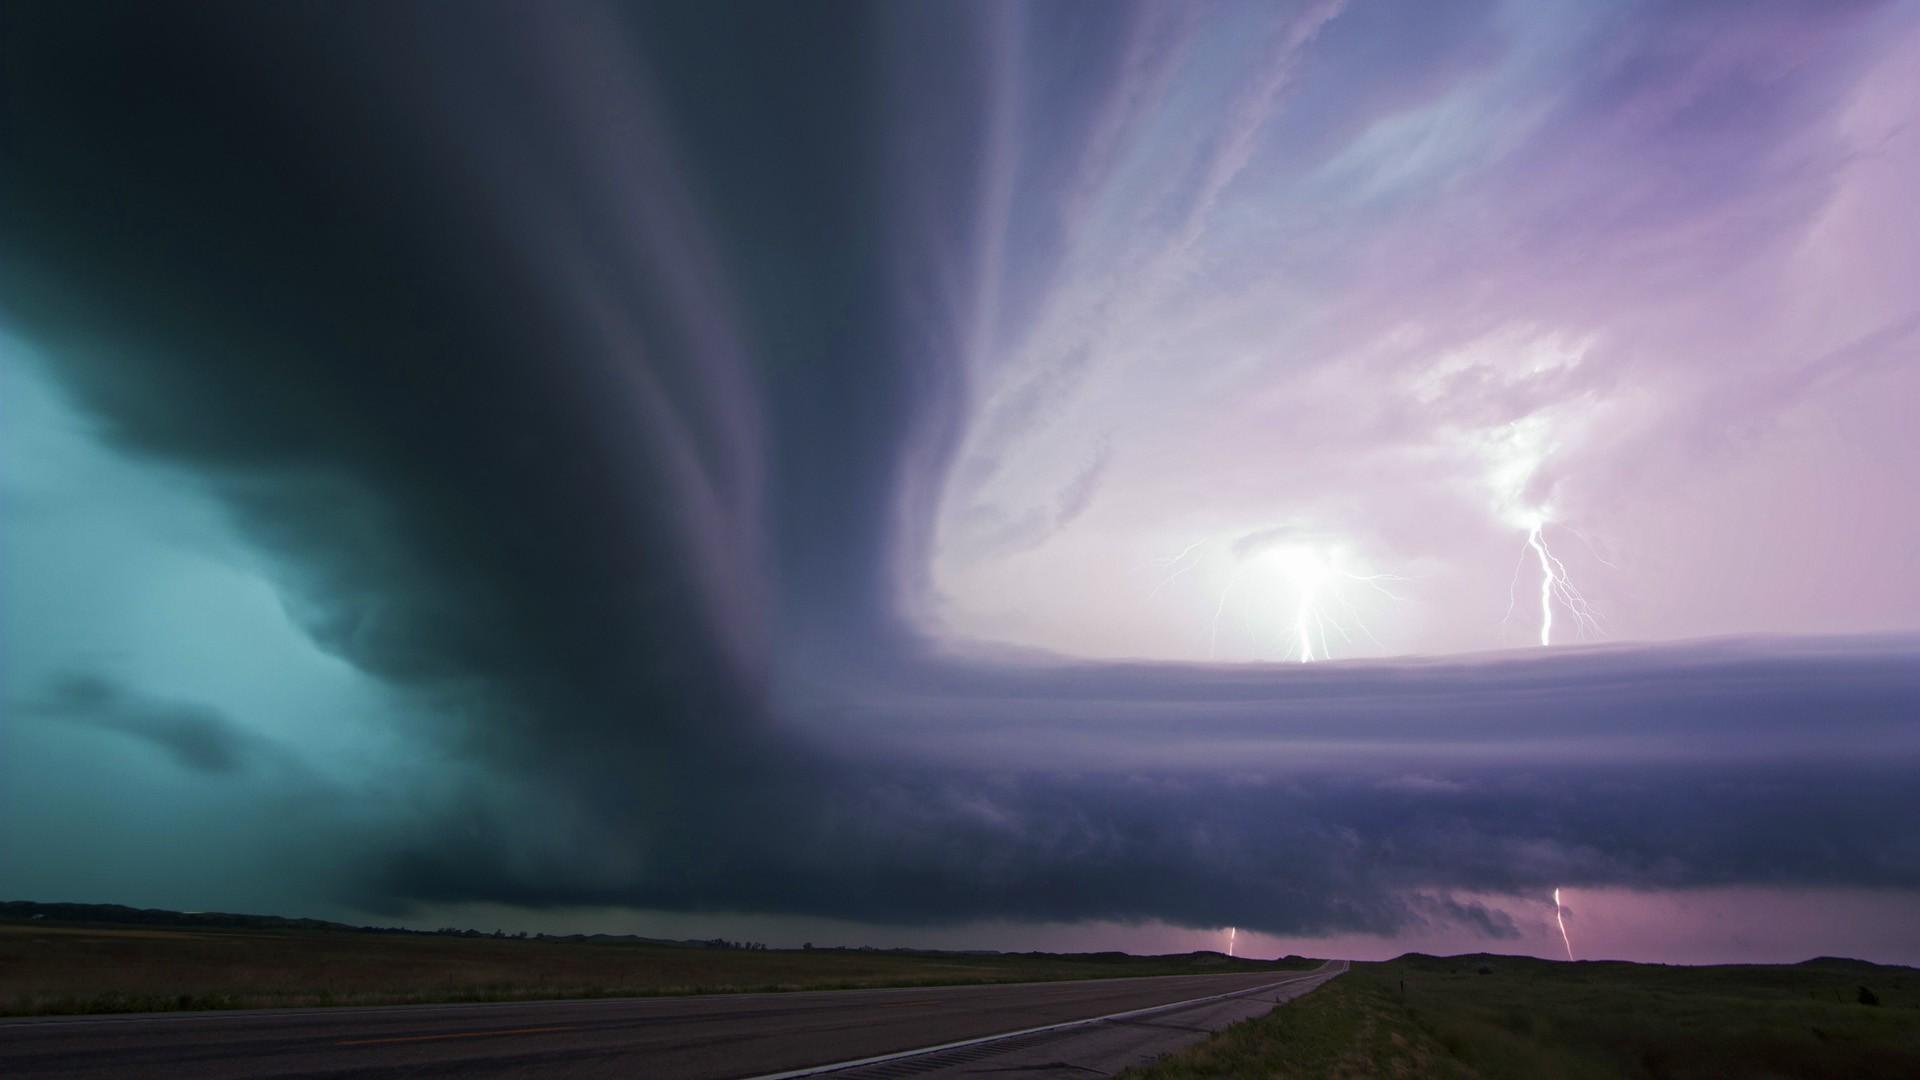 Storm Weather Desktop Wallpaper 13940